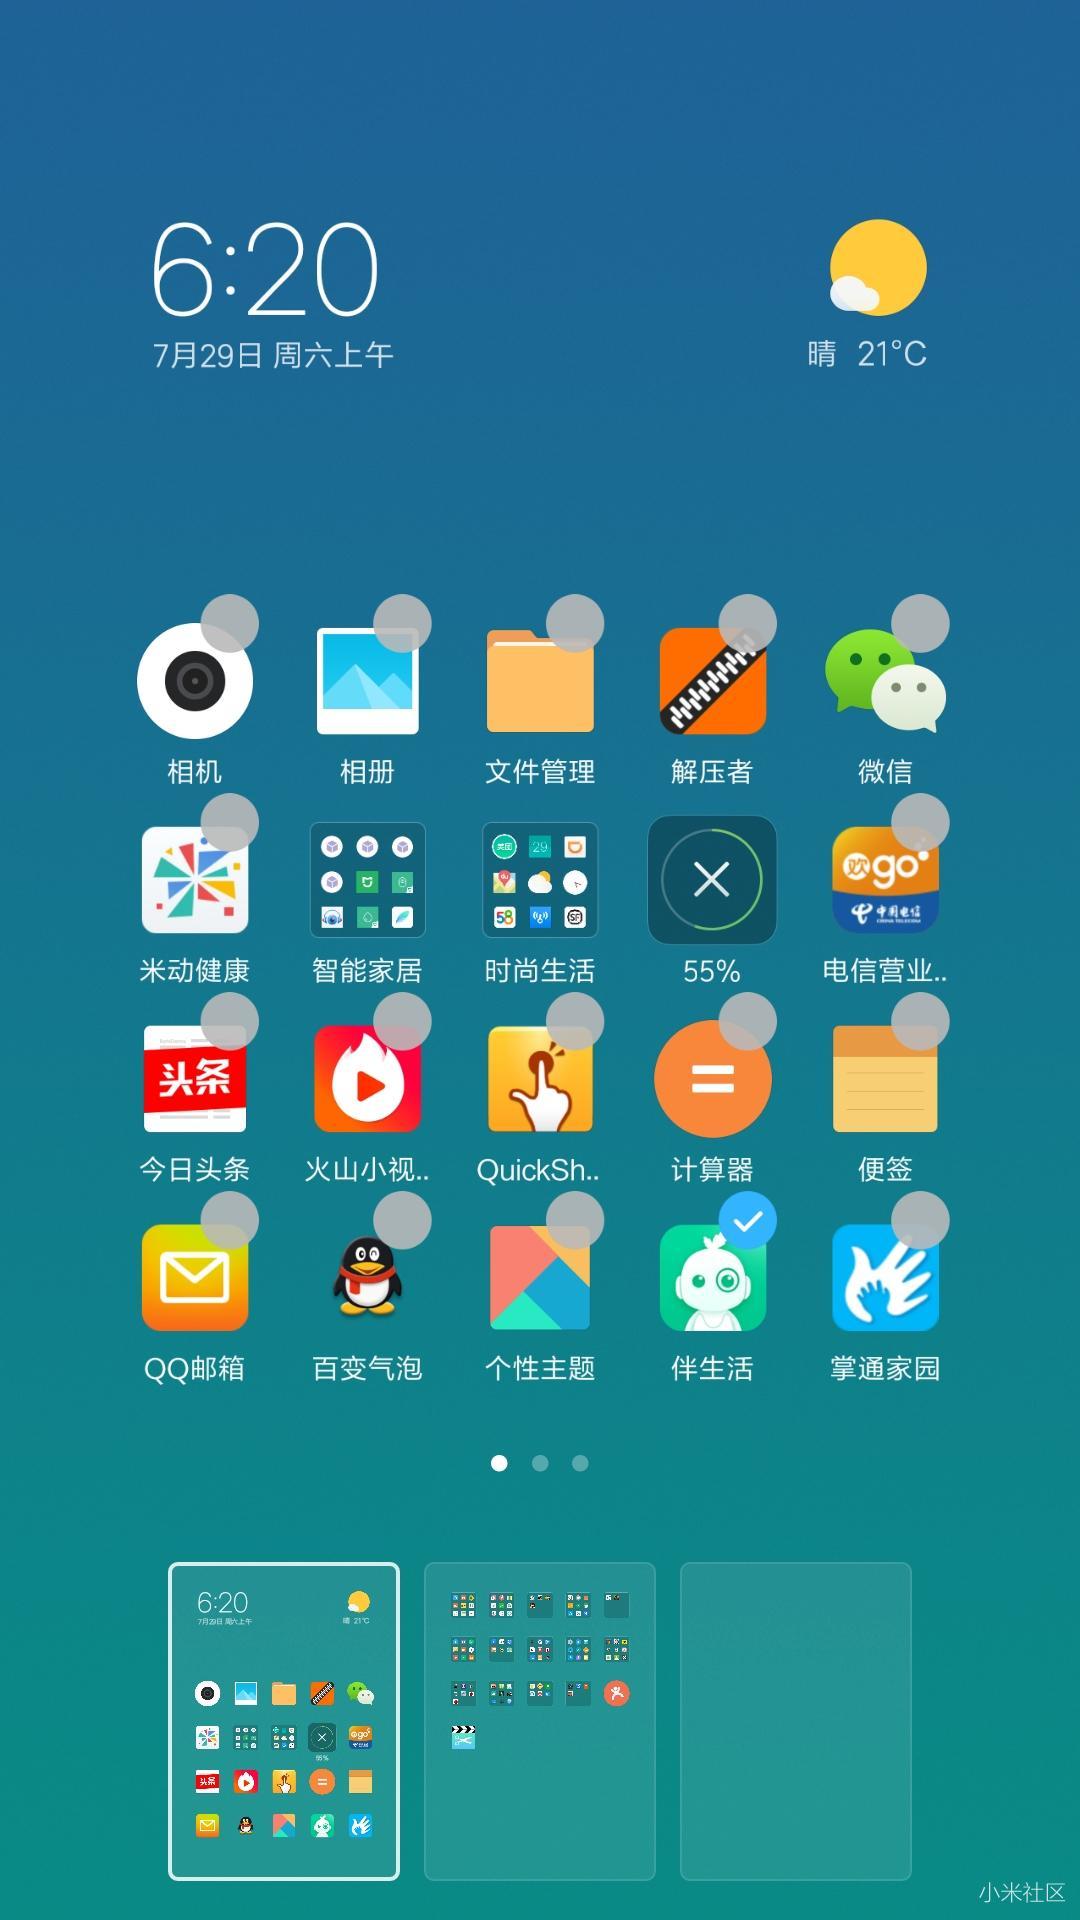 【图片6】MIUI 9 新功能速递,5项大升级需注意